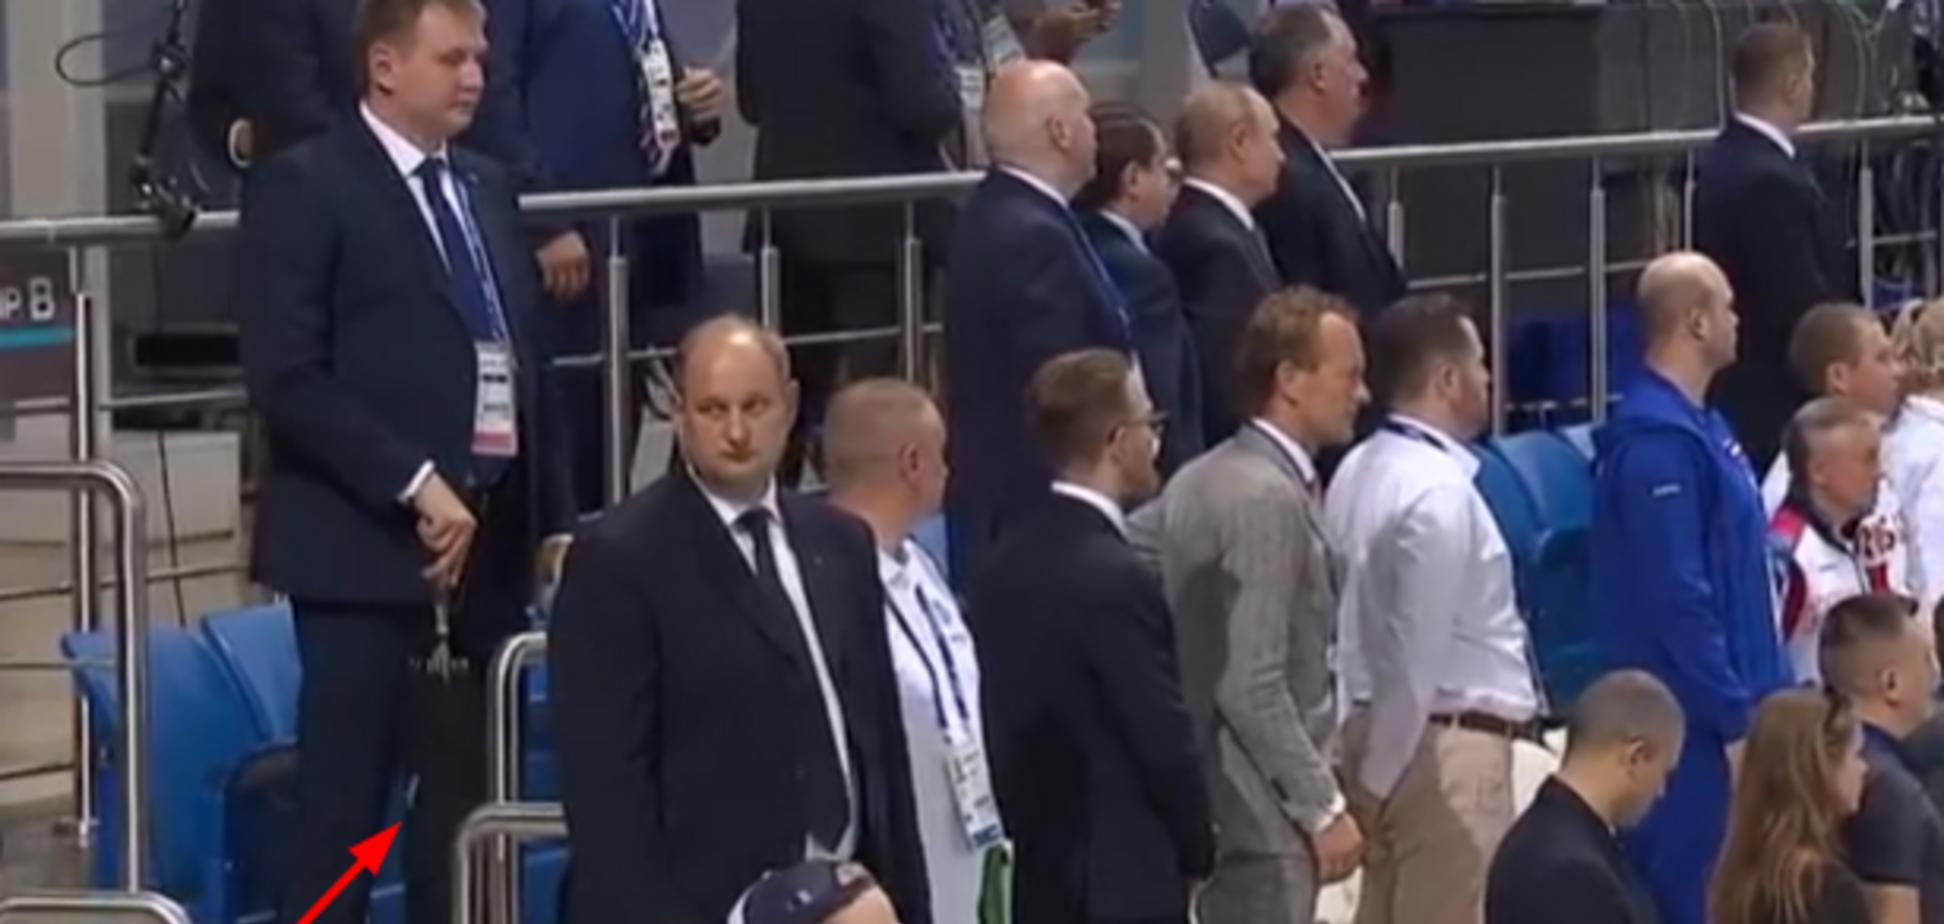 'От г**на закрываться': Путина высмеяли за приезд на Европейские игры